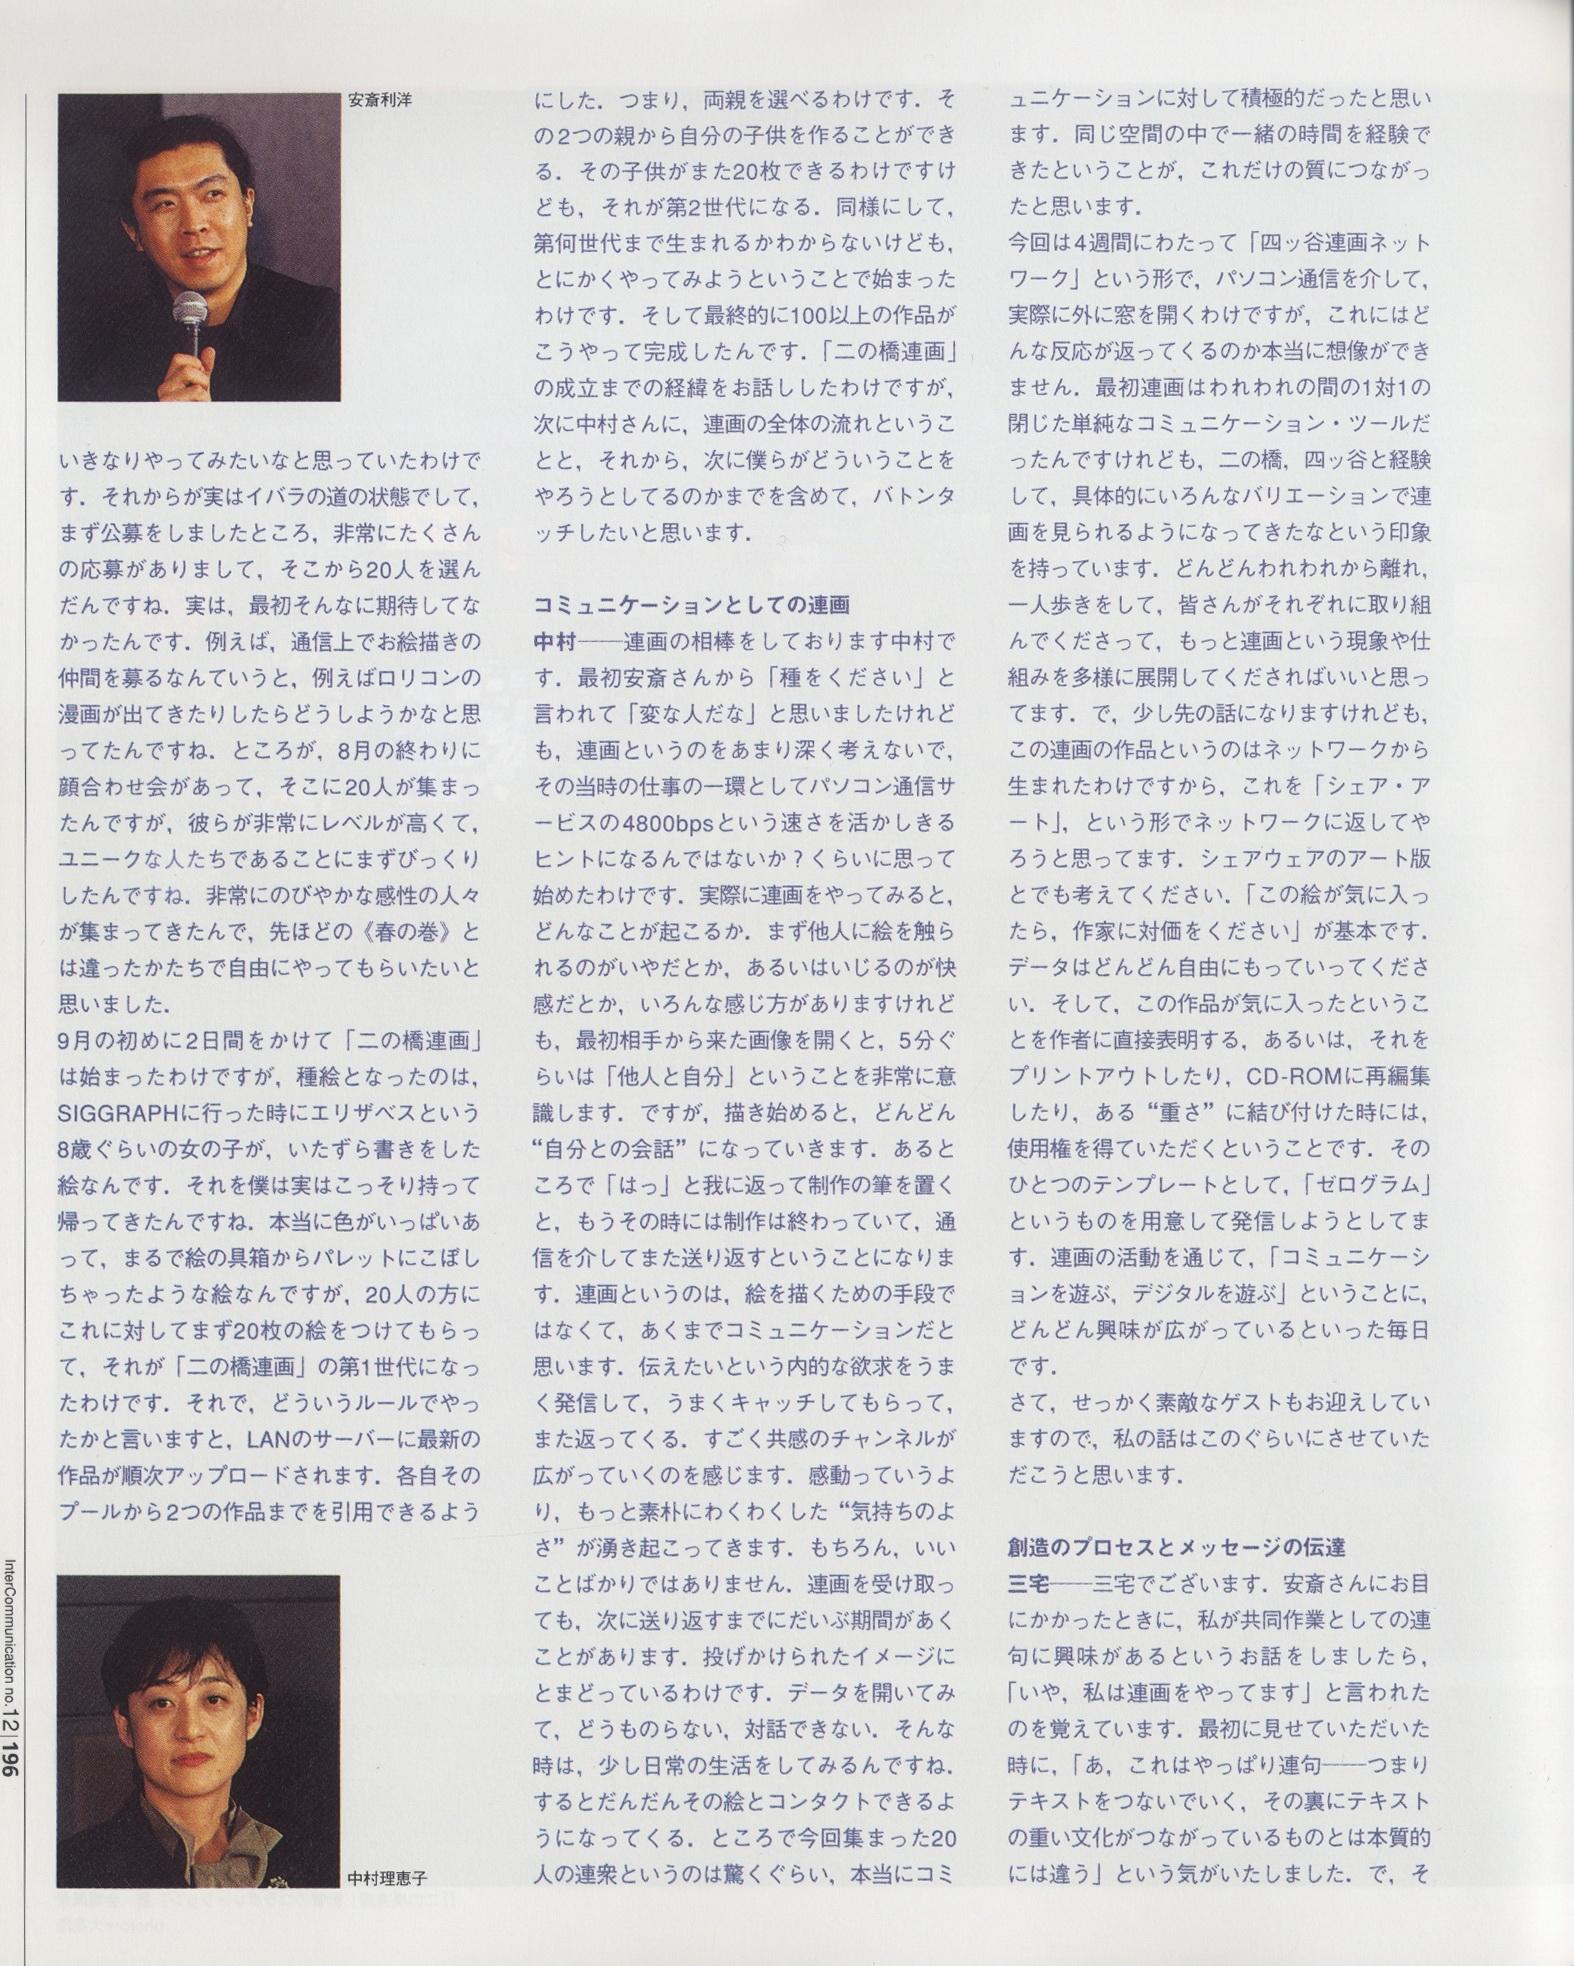 icc-rengatalk04